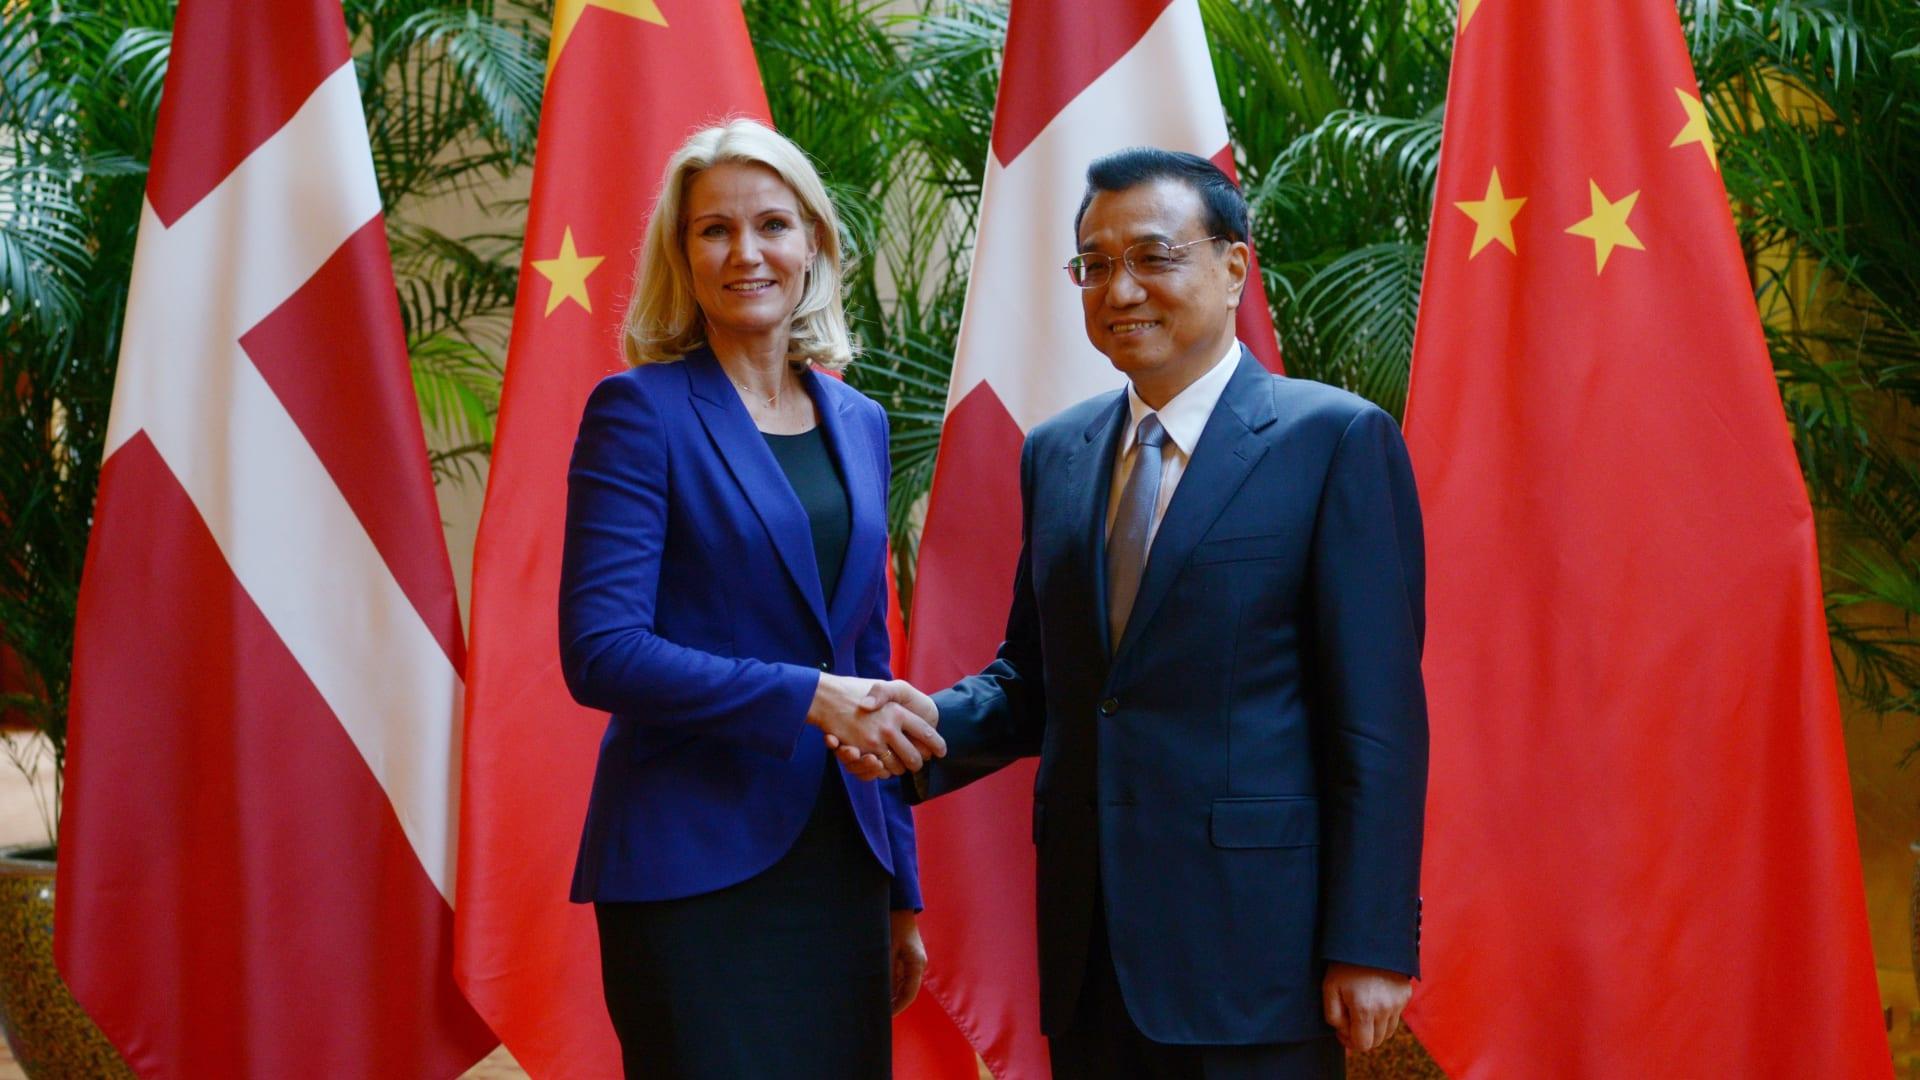 تيانجين، الصين-- رئيسة وزراء الدنمارك هيلي ثروننغ شميدت، تصافح رئيس وزارء الصين لي كيكيانغ قبل عقد اجتماع ثنائي على هامش اجتماع المندى الاقتصادي العالمي، 10 سبتمبر/ أيلول 2014